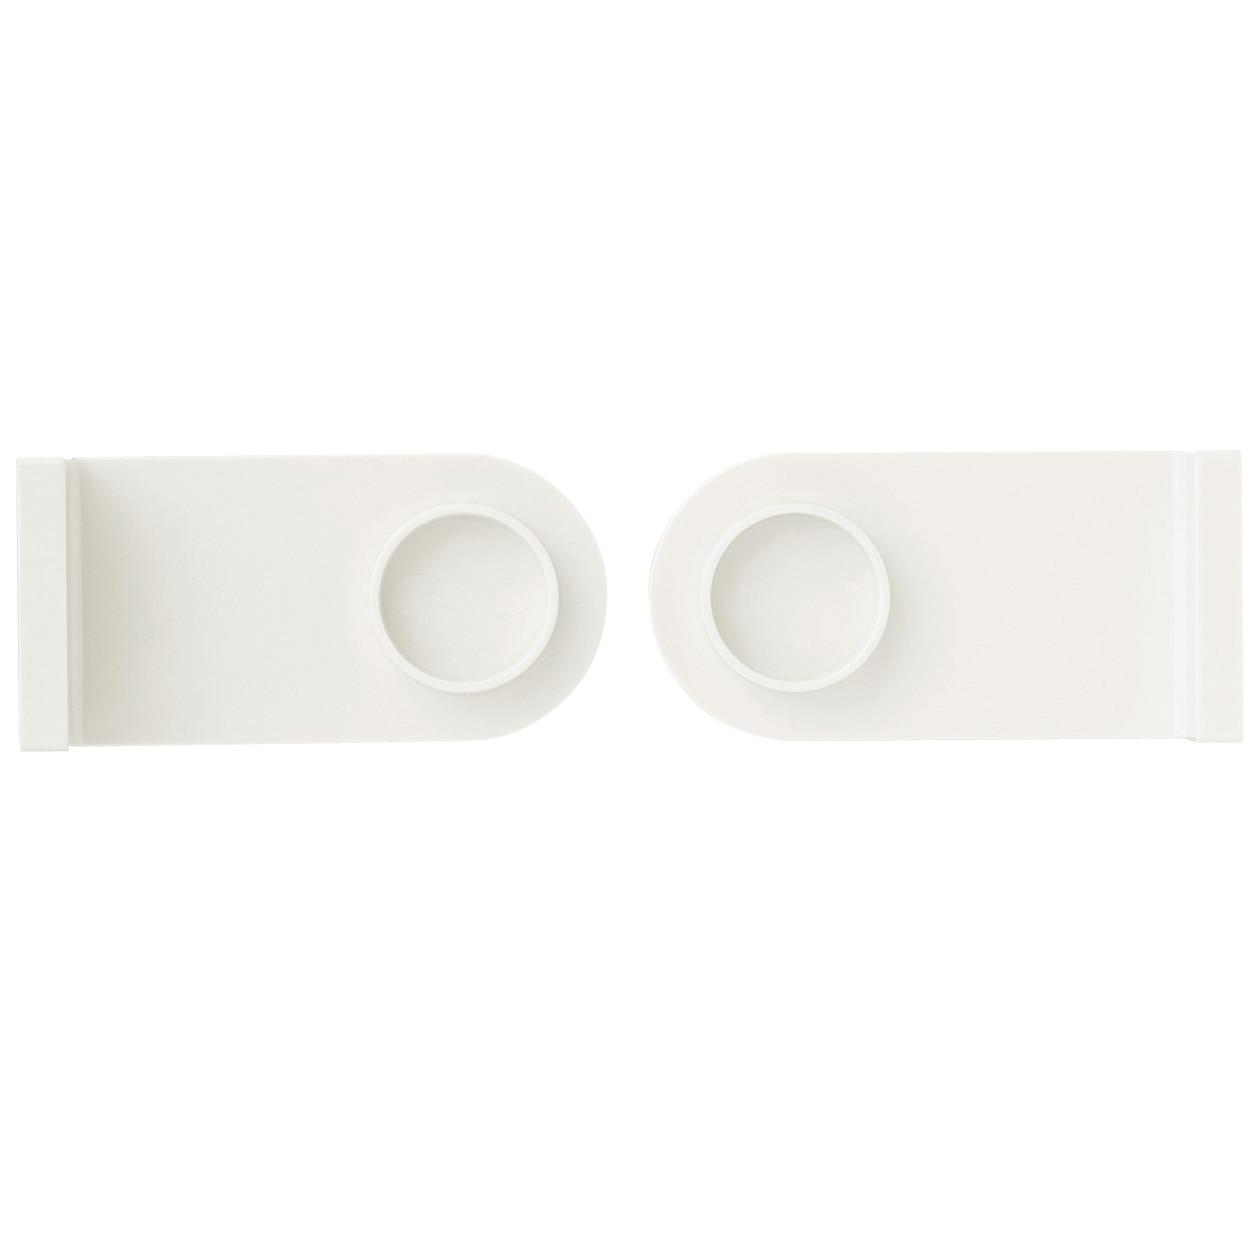 RoomClip商品情報 - キッチンペーパーホルダー